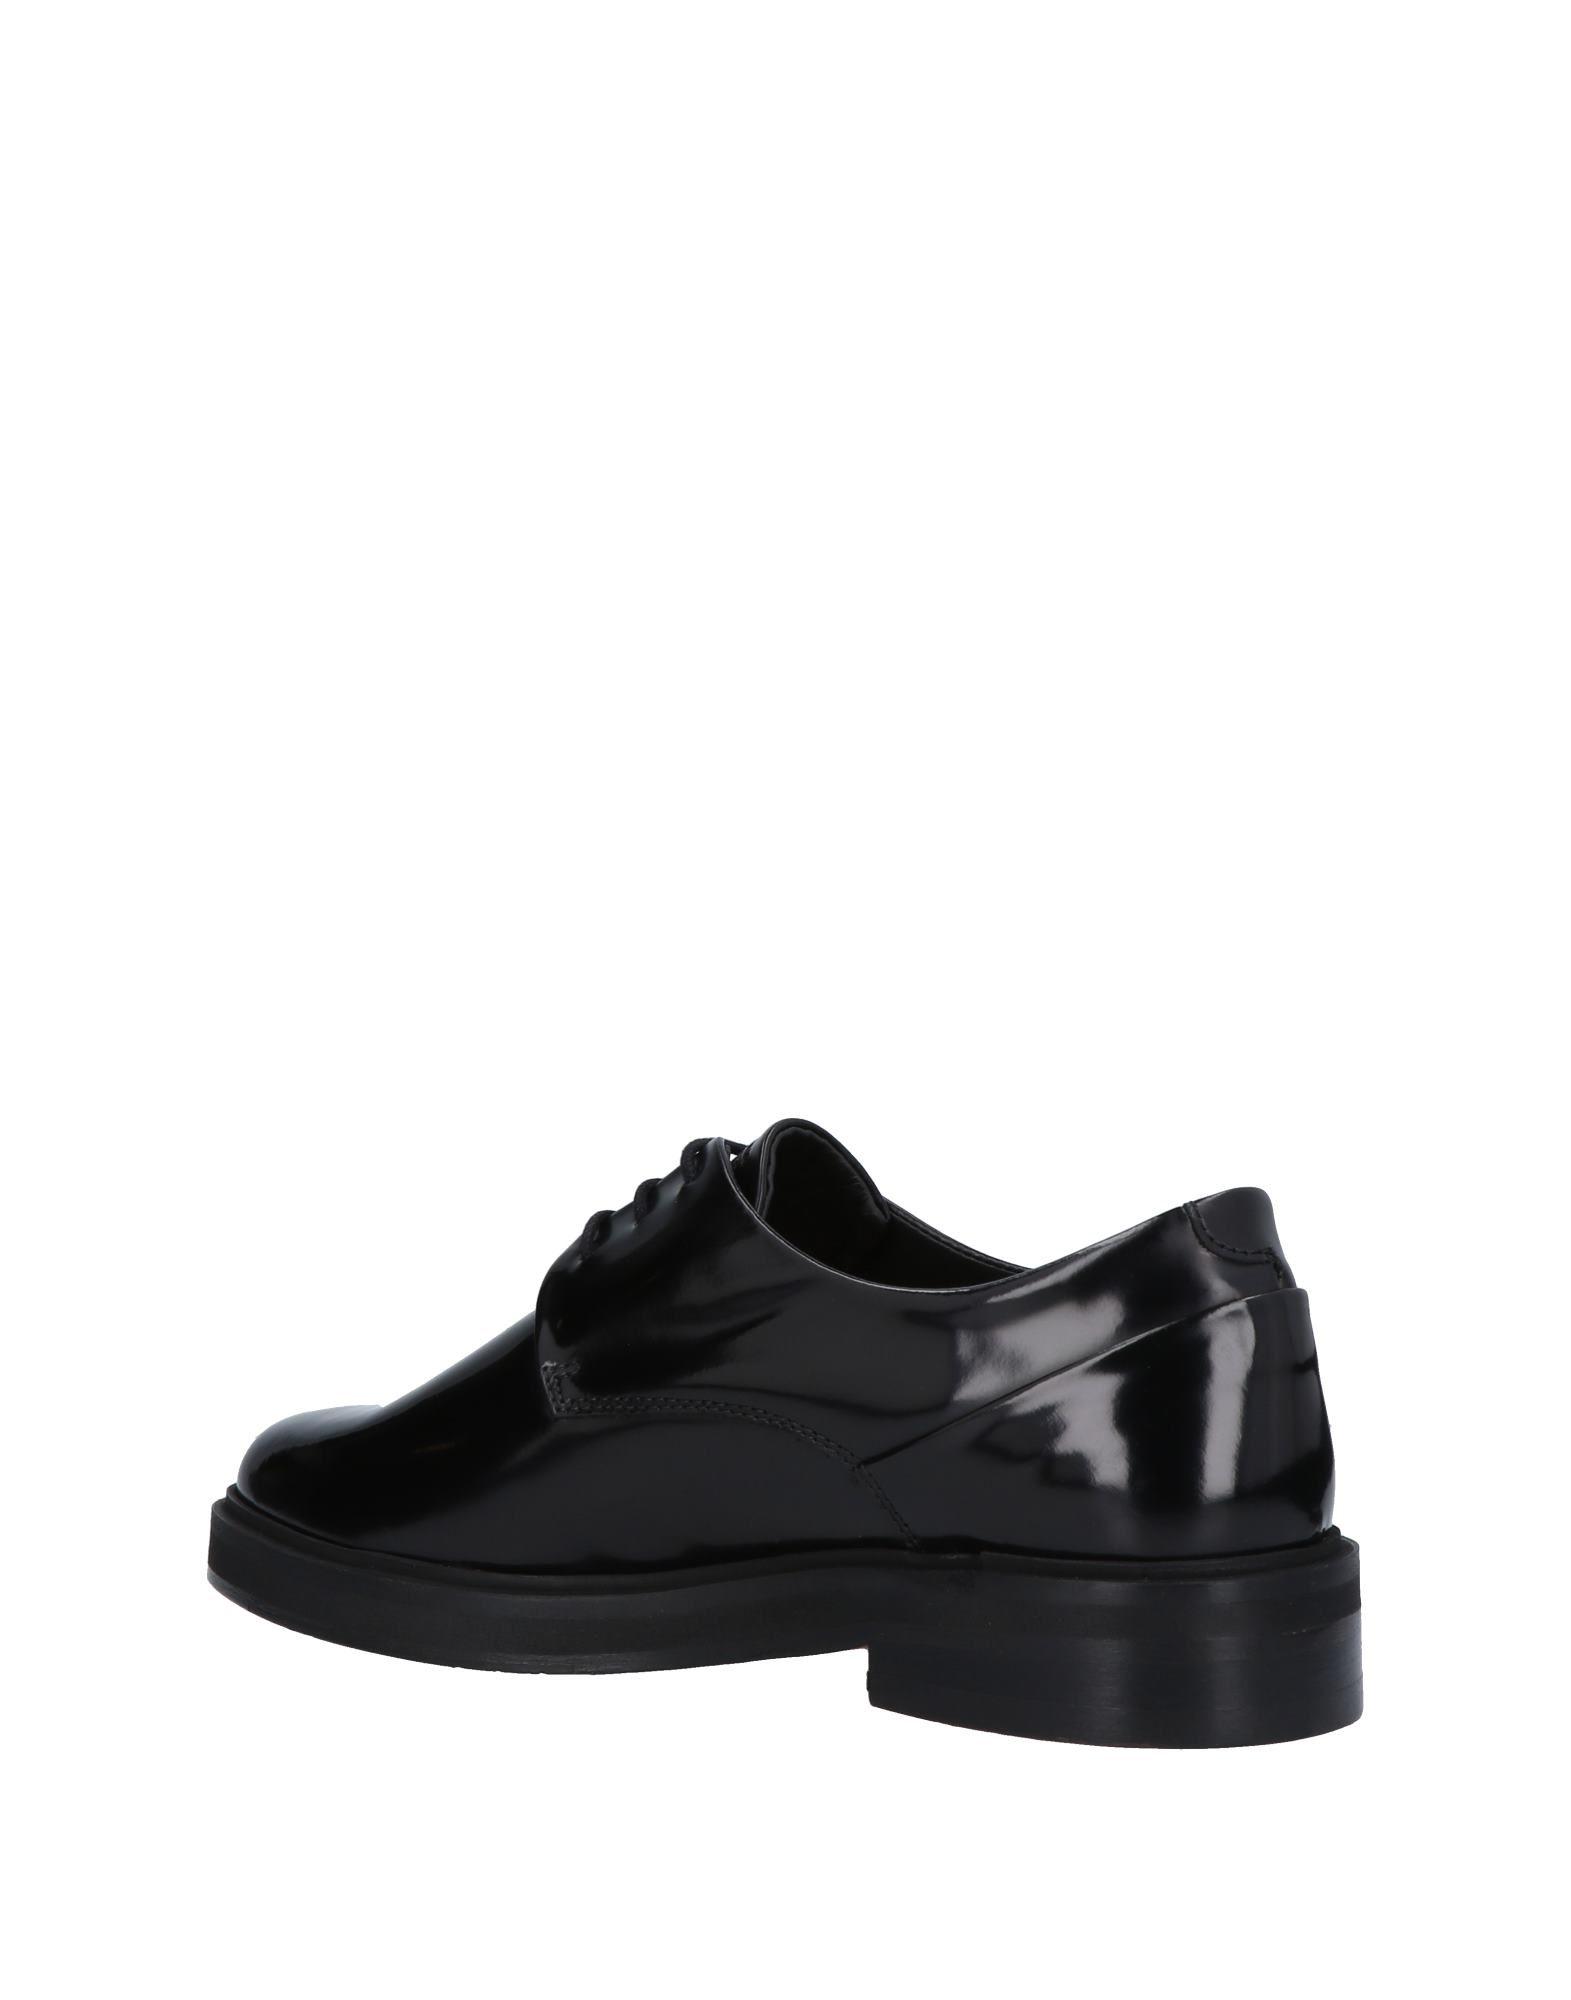 Stilvolle billige Schuhe Damen Royal Republiq Schnürschuhe Damen Schuhe  11460849QF f0a3a8